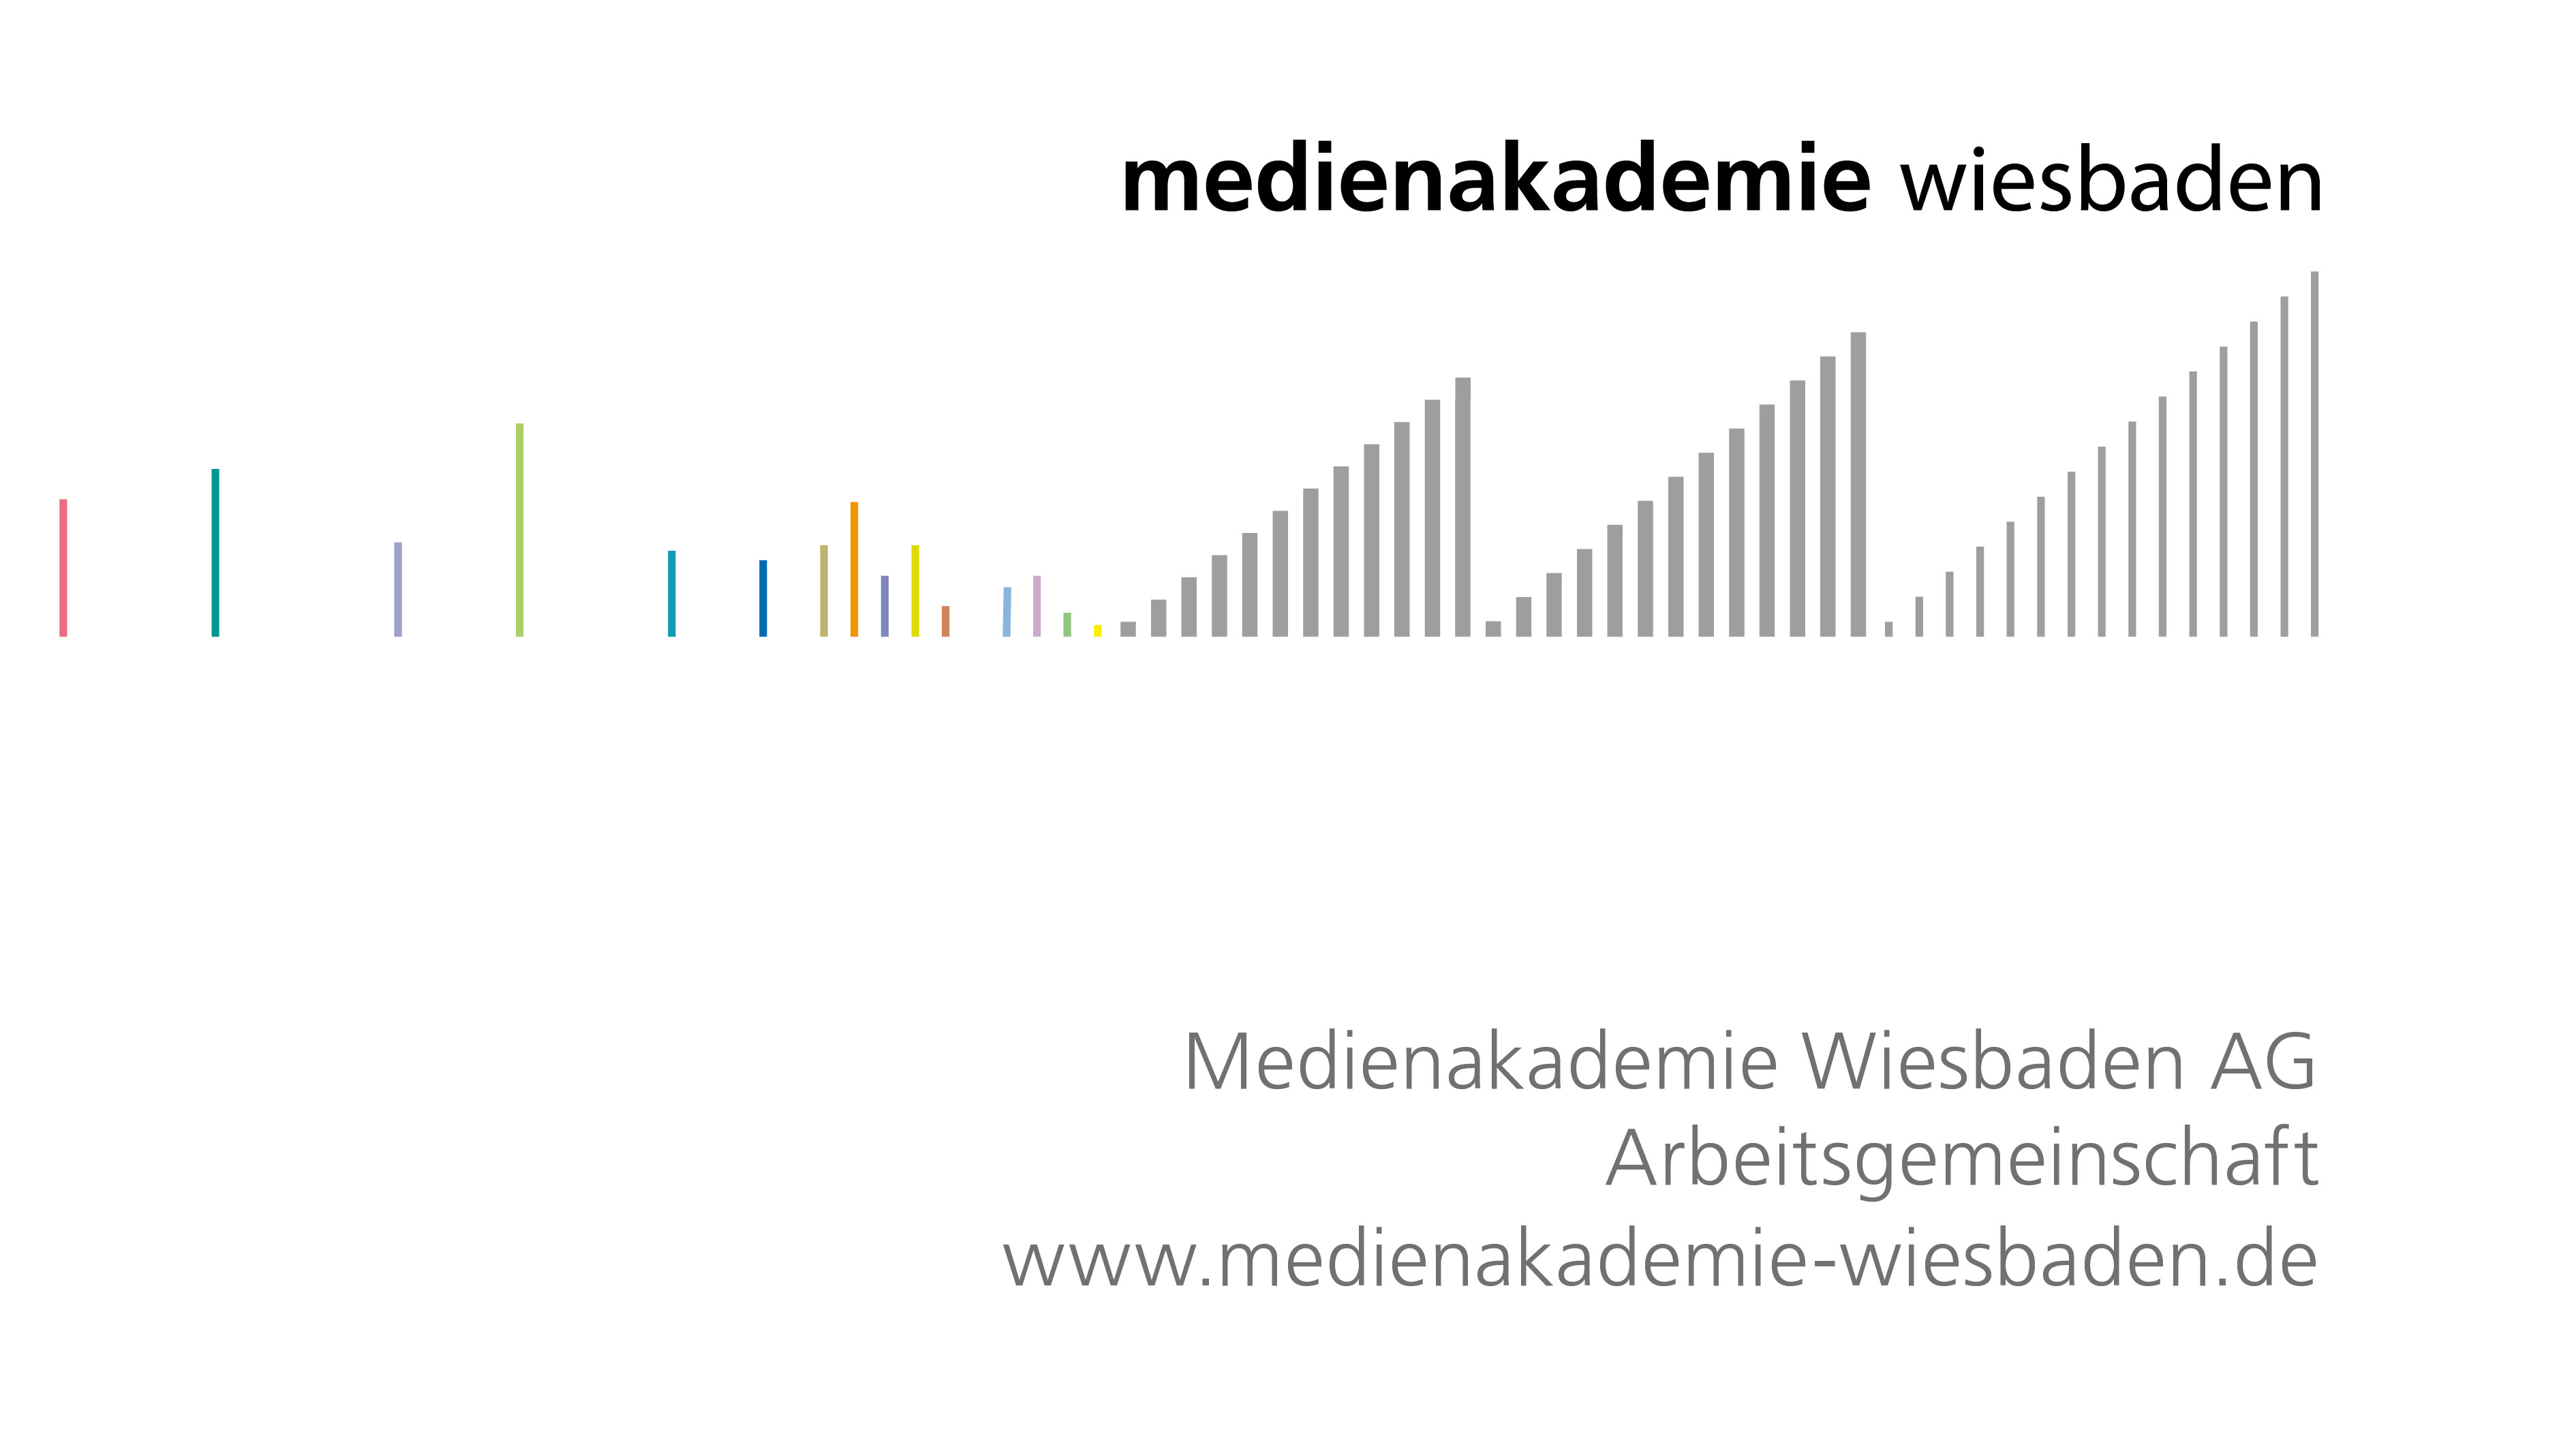 Medienakademie Wiesbaden